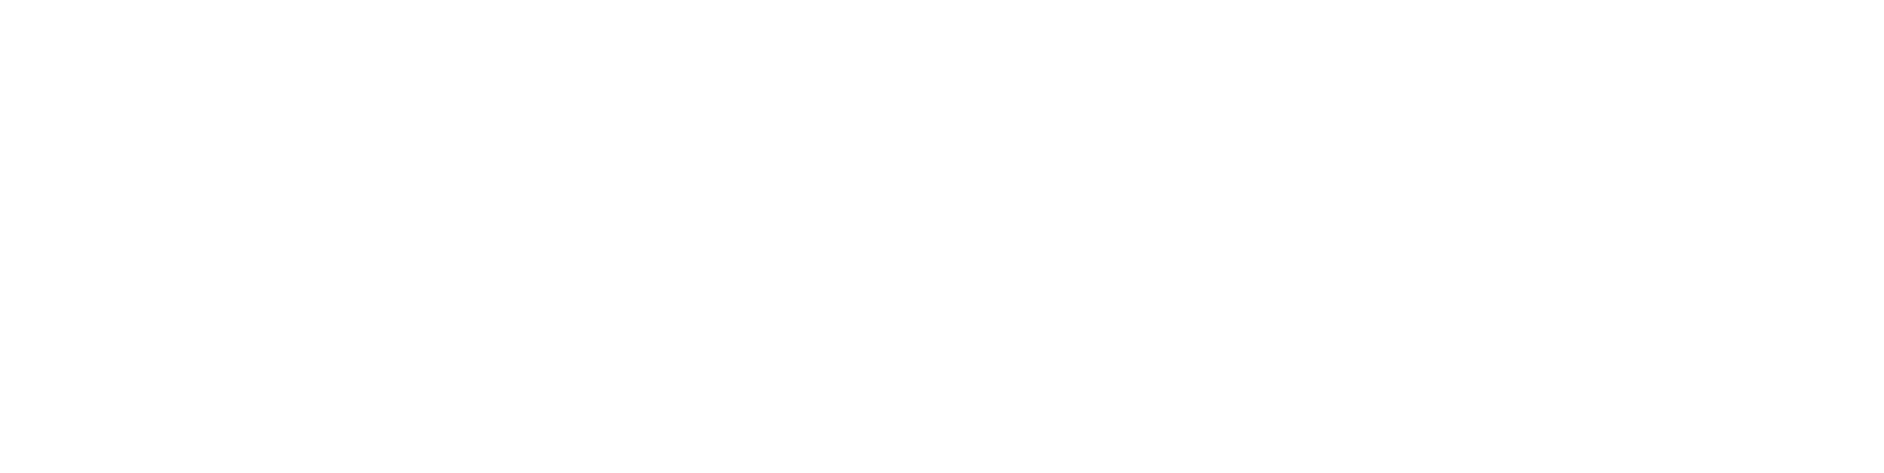 BSEC logo white 3